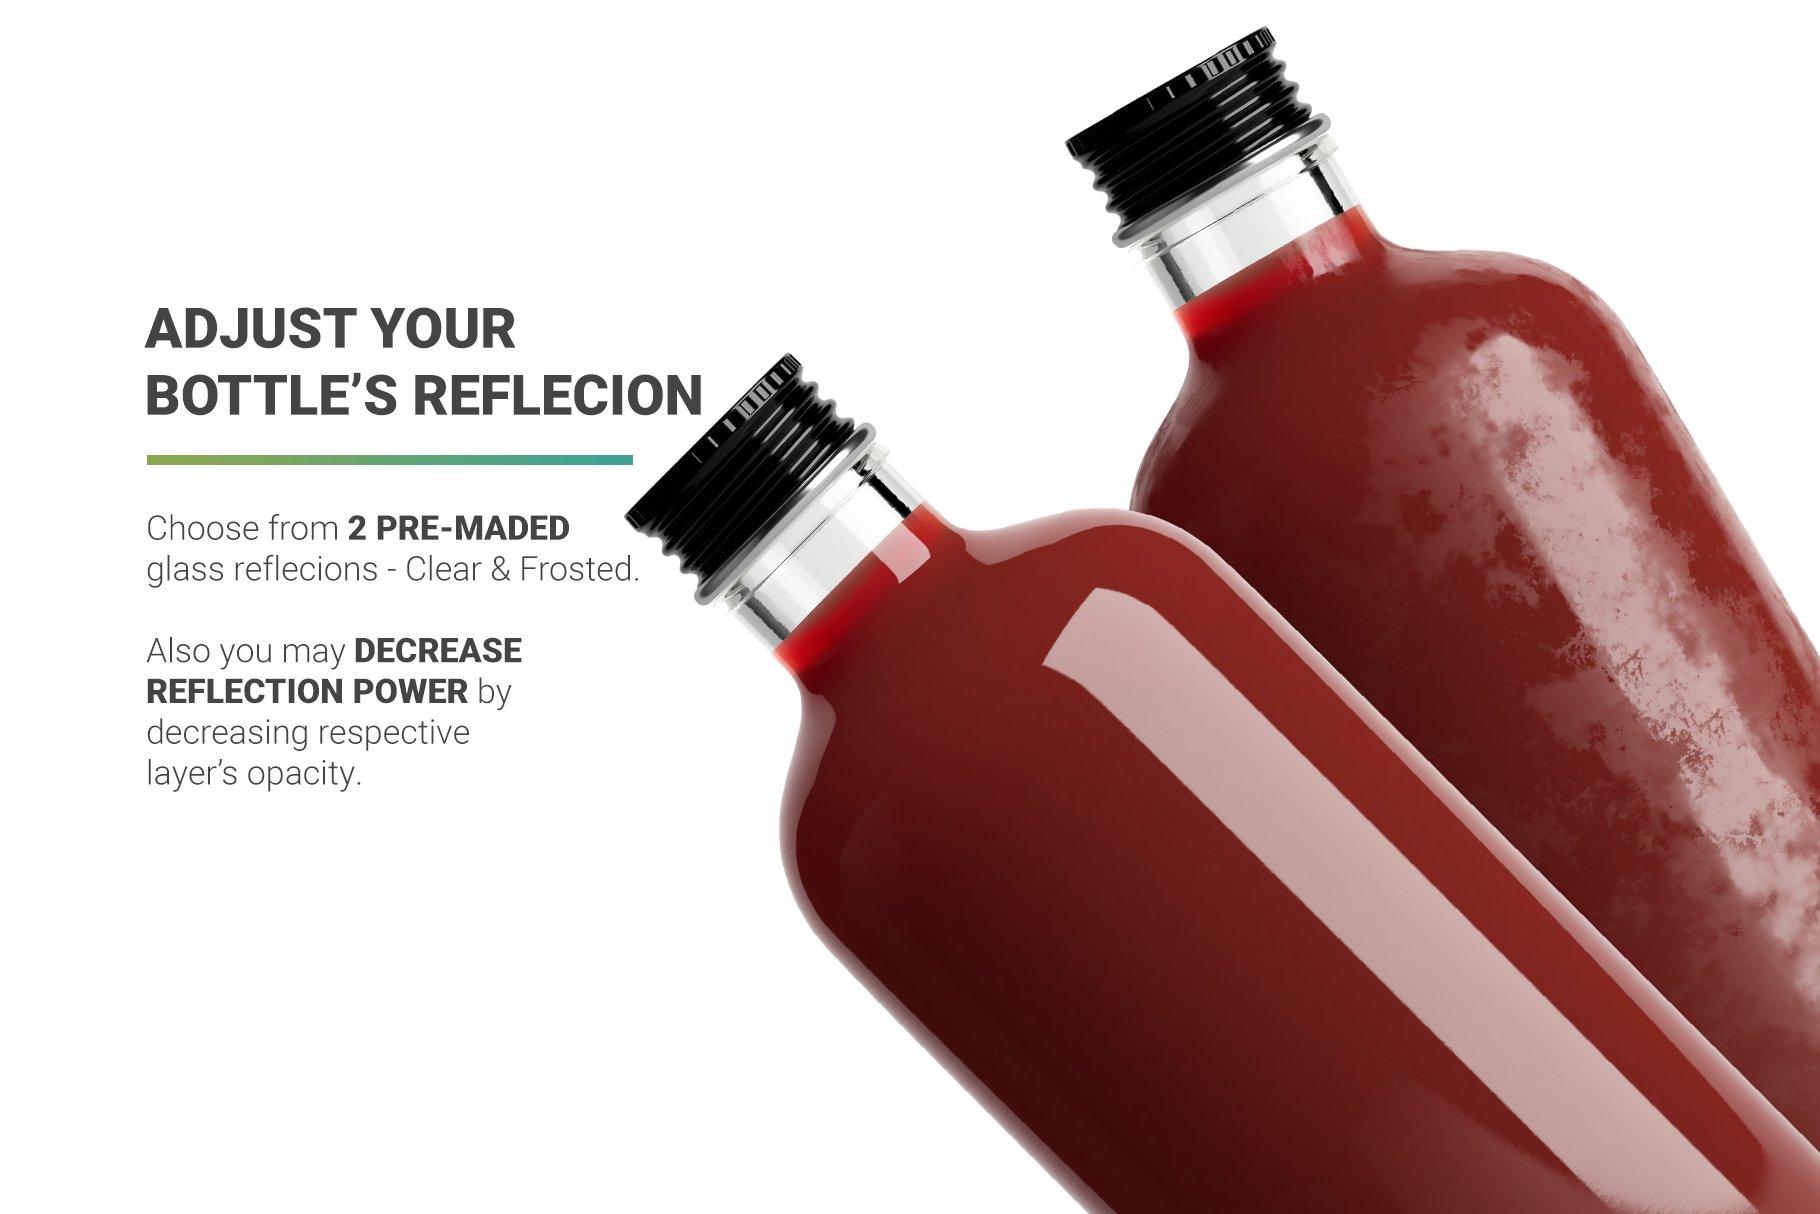 透明果汁玻璃瓶设计展示样机 Juice Bottle Mockup插图(3)